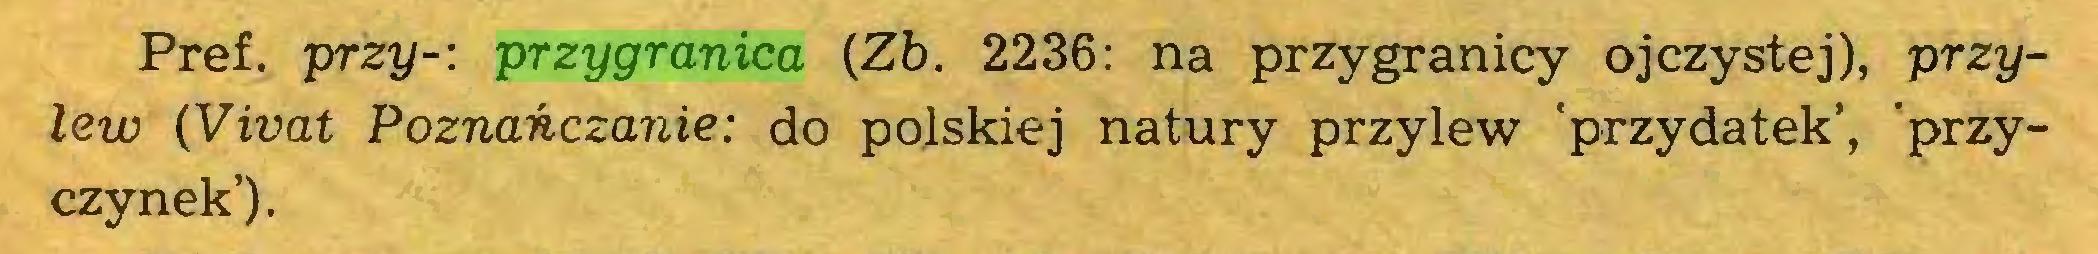 (...) Pref. przy-: przygranica (Zb. 2236: na przygranicy ojczystej), przyłów (Vivat Poznańczanie: do polskiej natury przylew 'przydatek', 'przyczynek')...